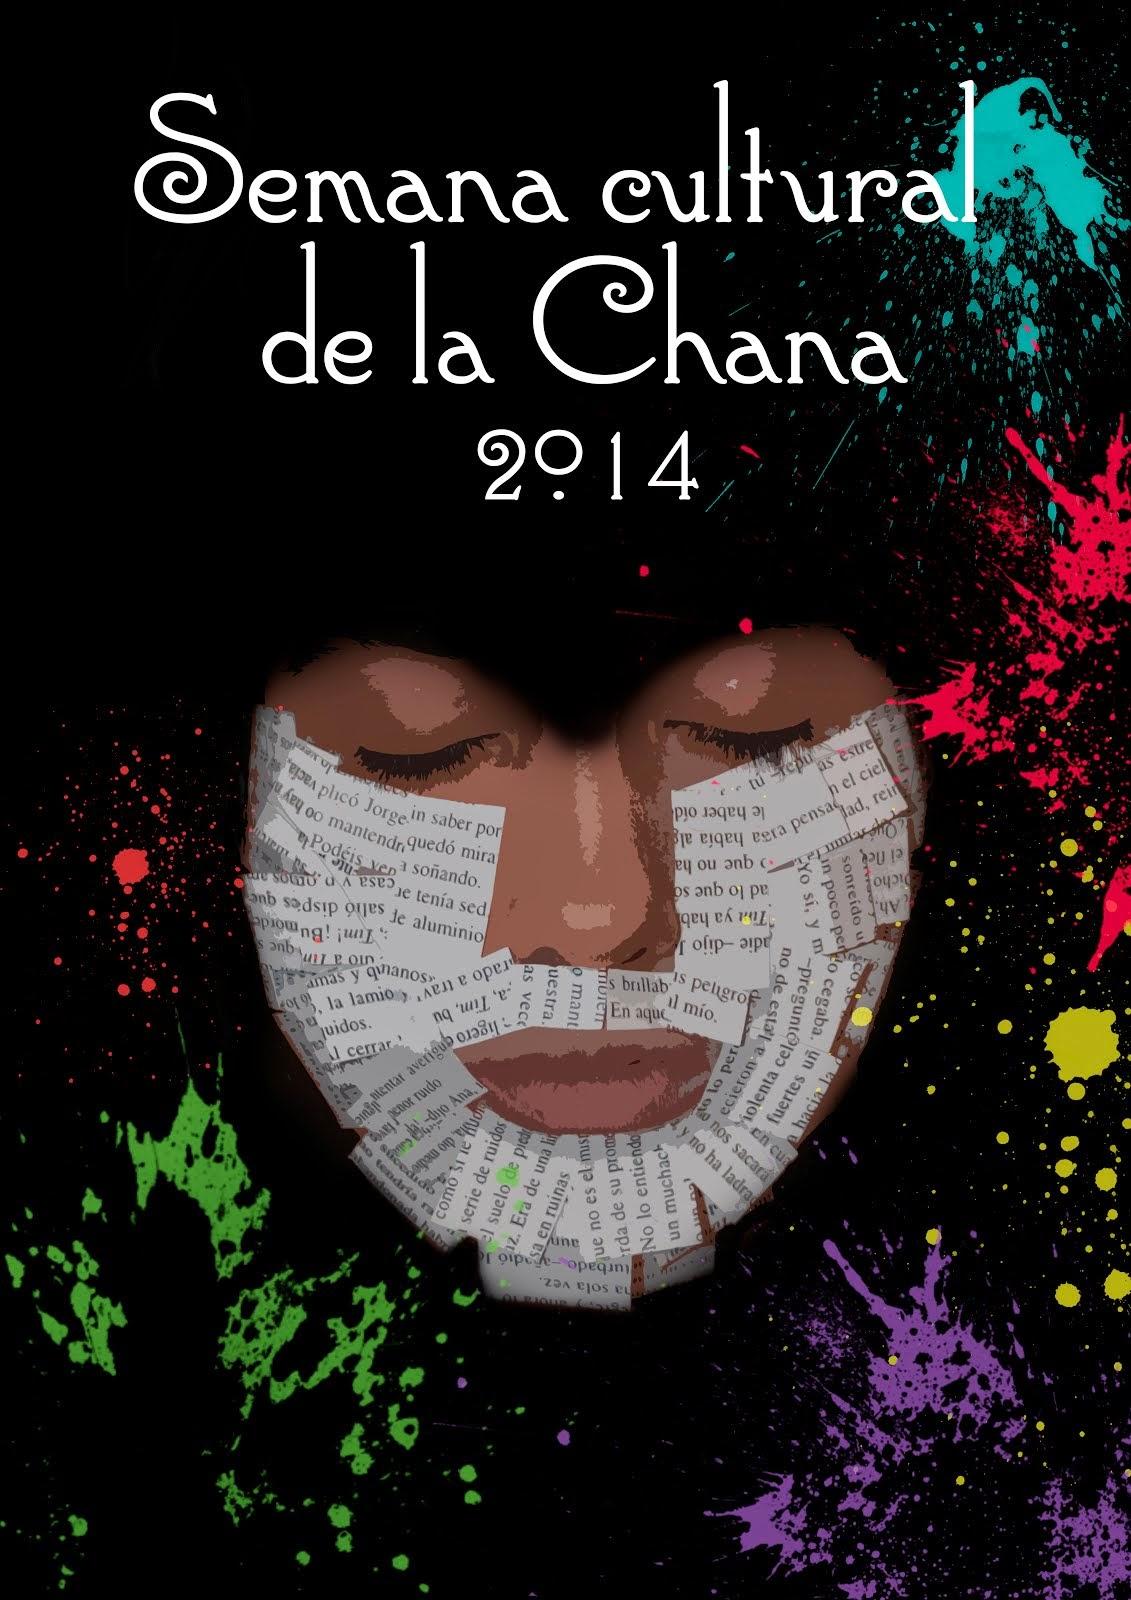 Cartel de la Semana Cultural de La Chana 2014